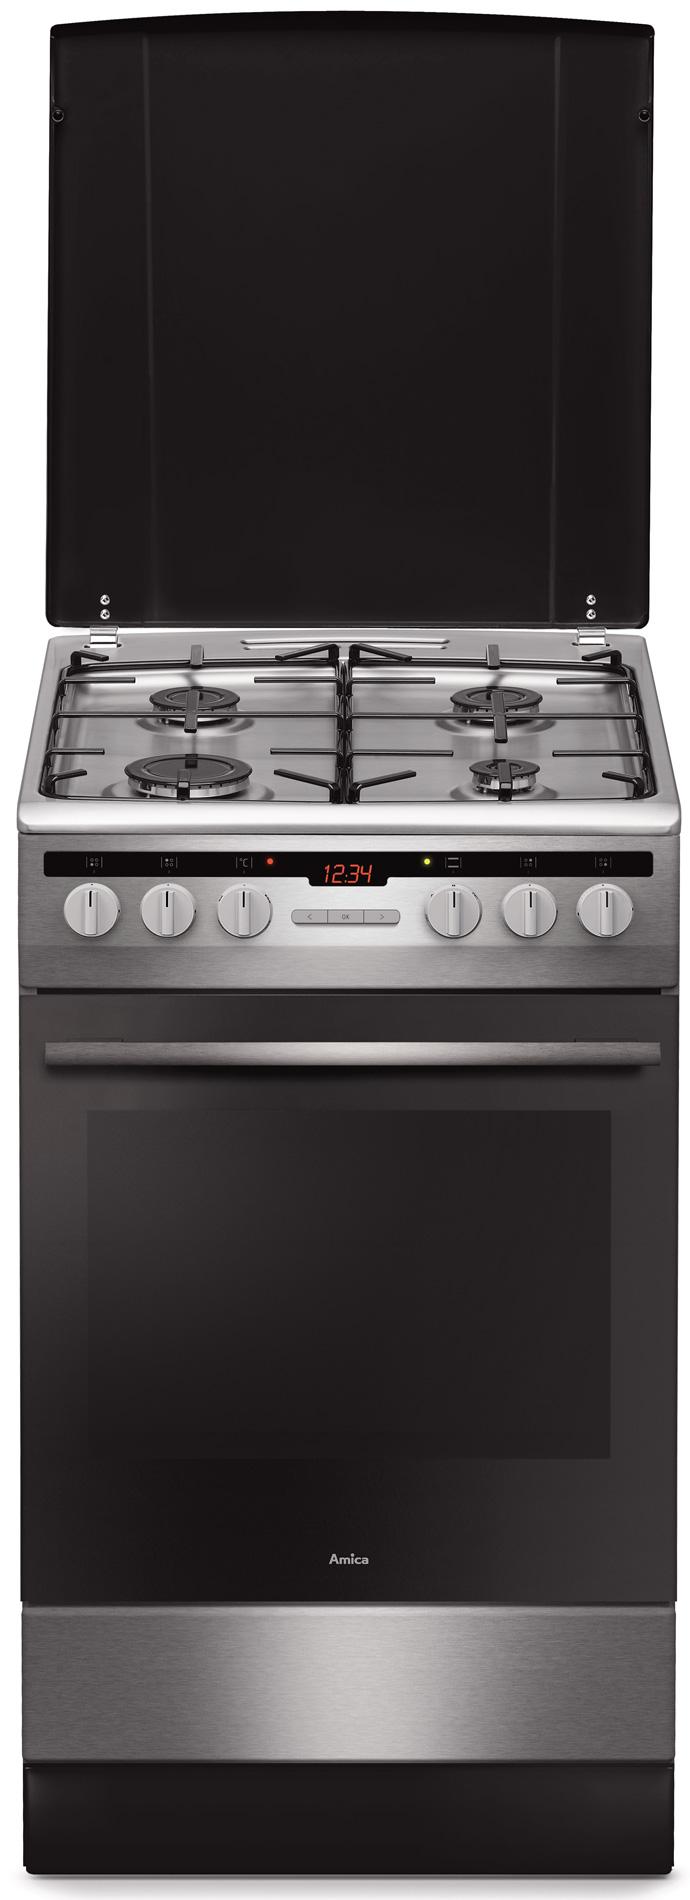 Kuchnia wolnostojąca gazowo elektryczna 57GEH2 33HZpTa(Xx)  Amica -> Kuchnie Elektryczne Wolnostojące Indukcyjne